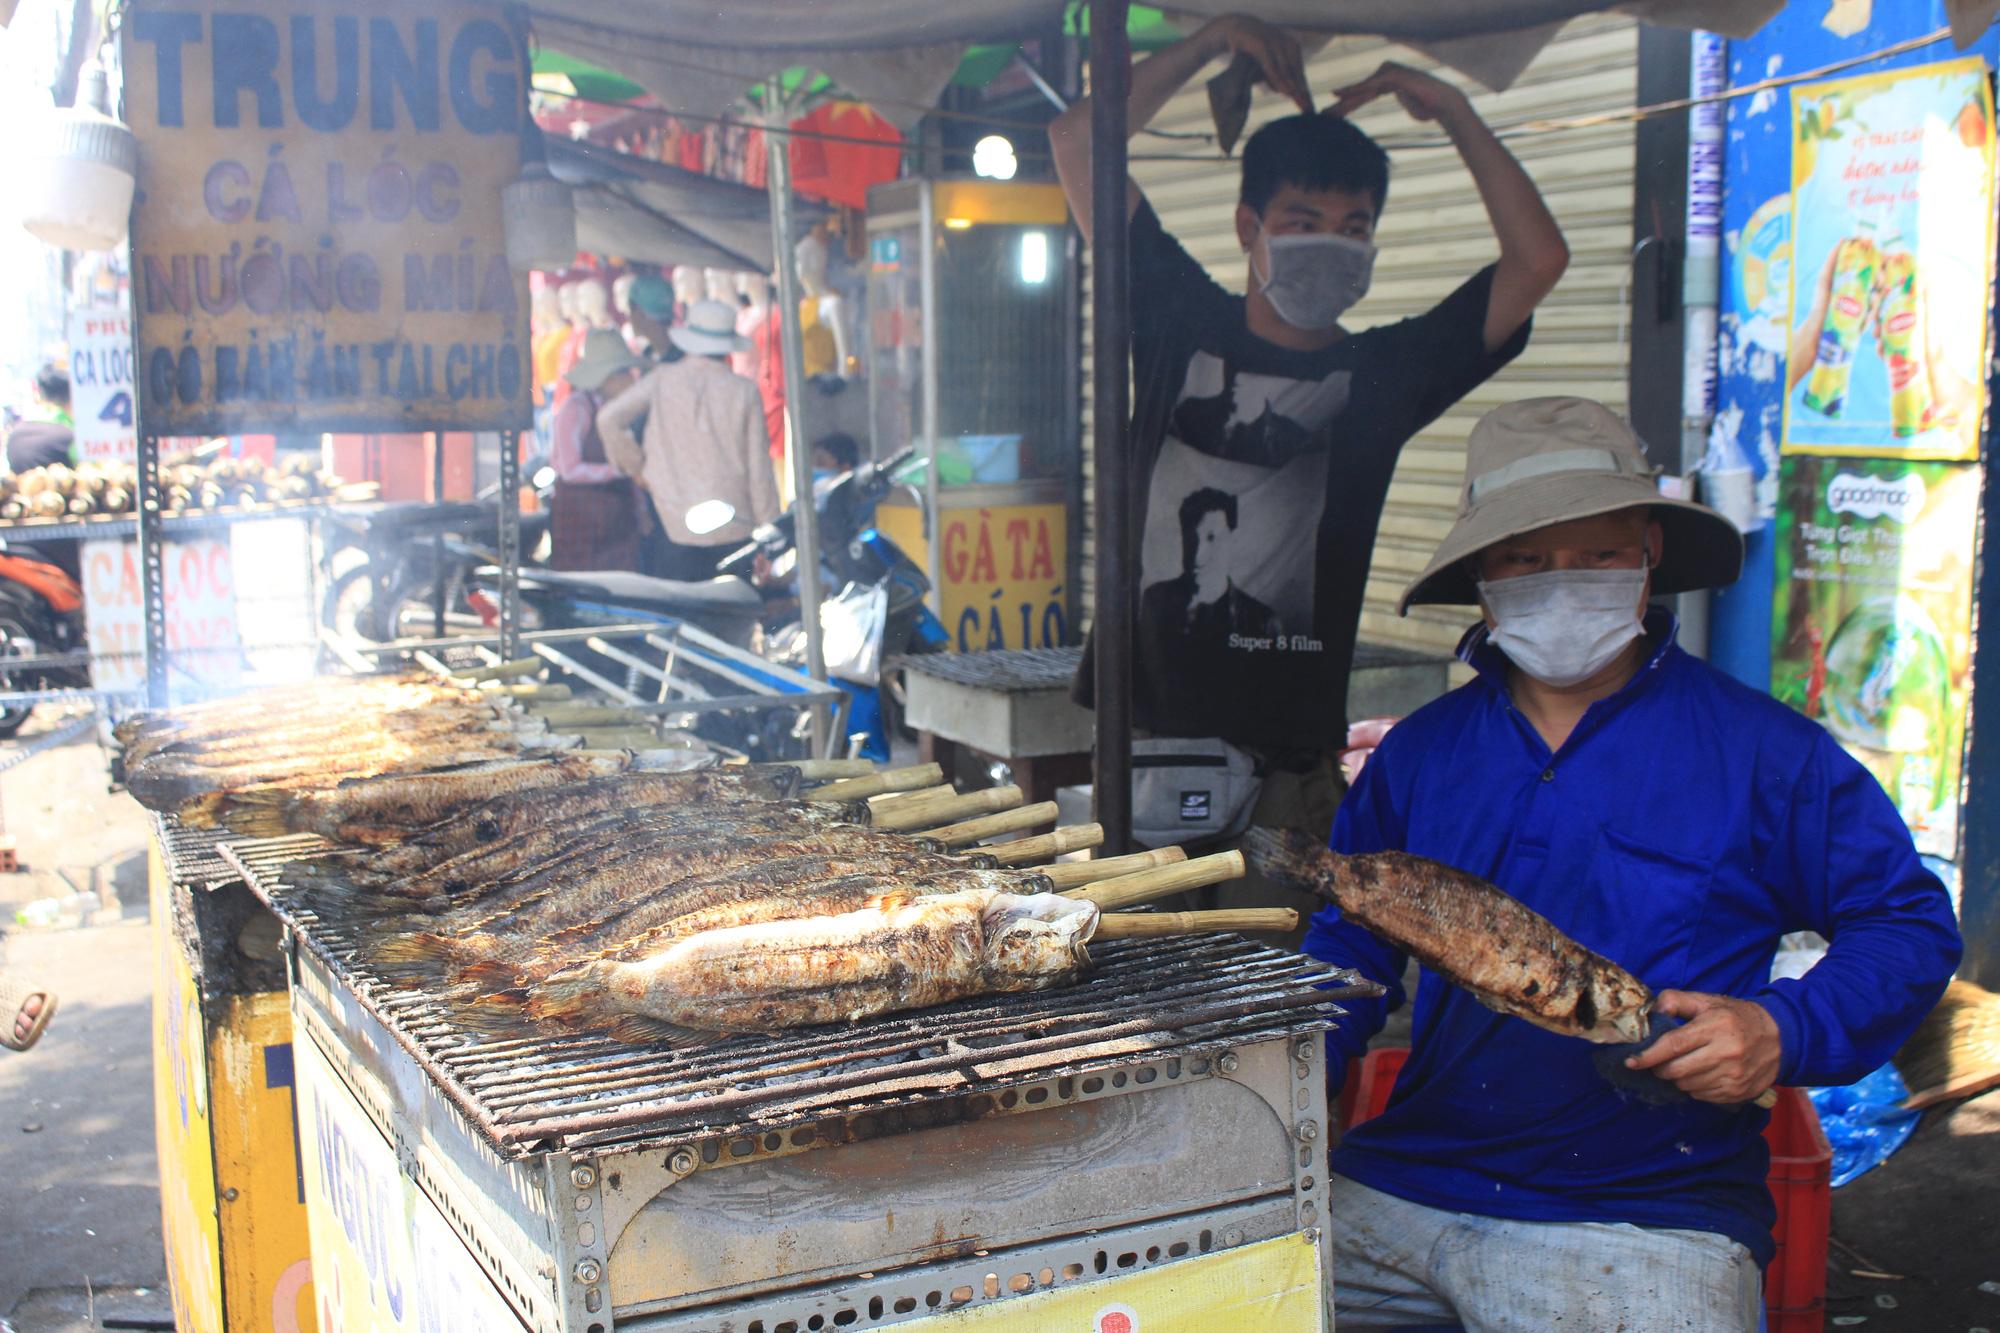 Chuẩn bị 3,5 tấn cá lóc nướng ngày vía Thần tài nhưng vẫn lo không đủ bán ở Sài Gòn - Ảnh 5.